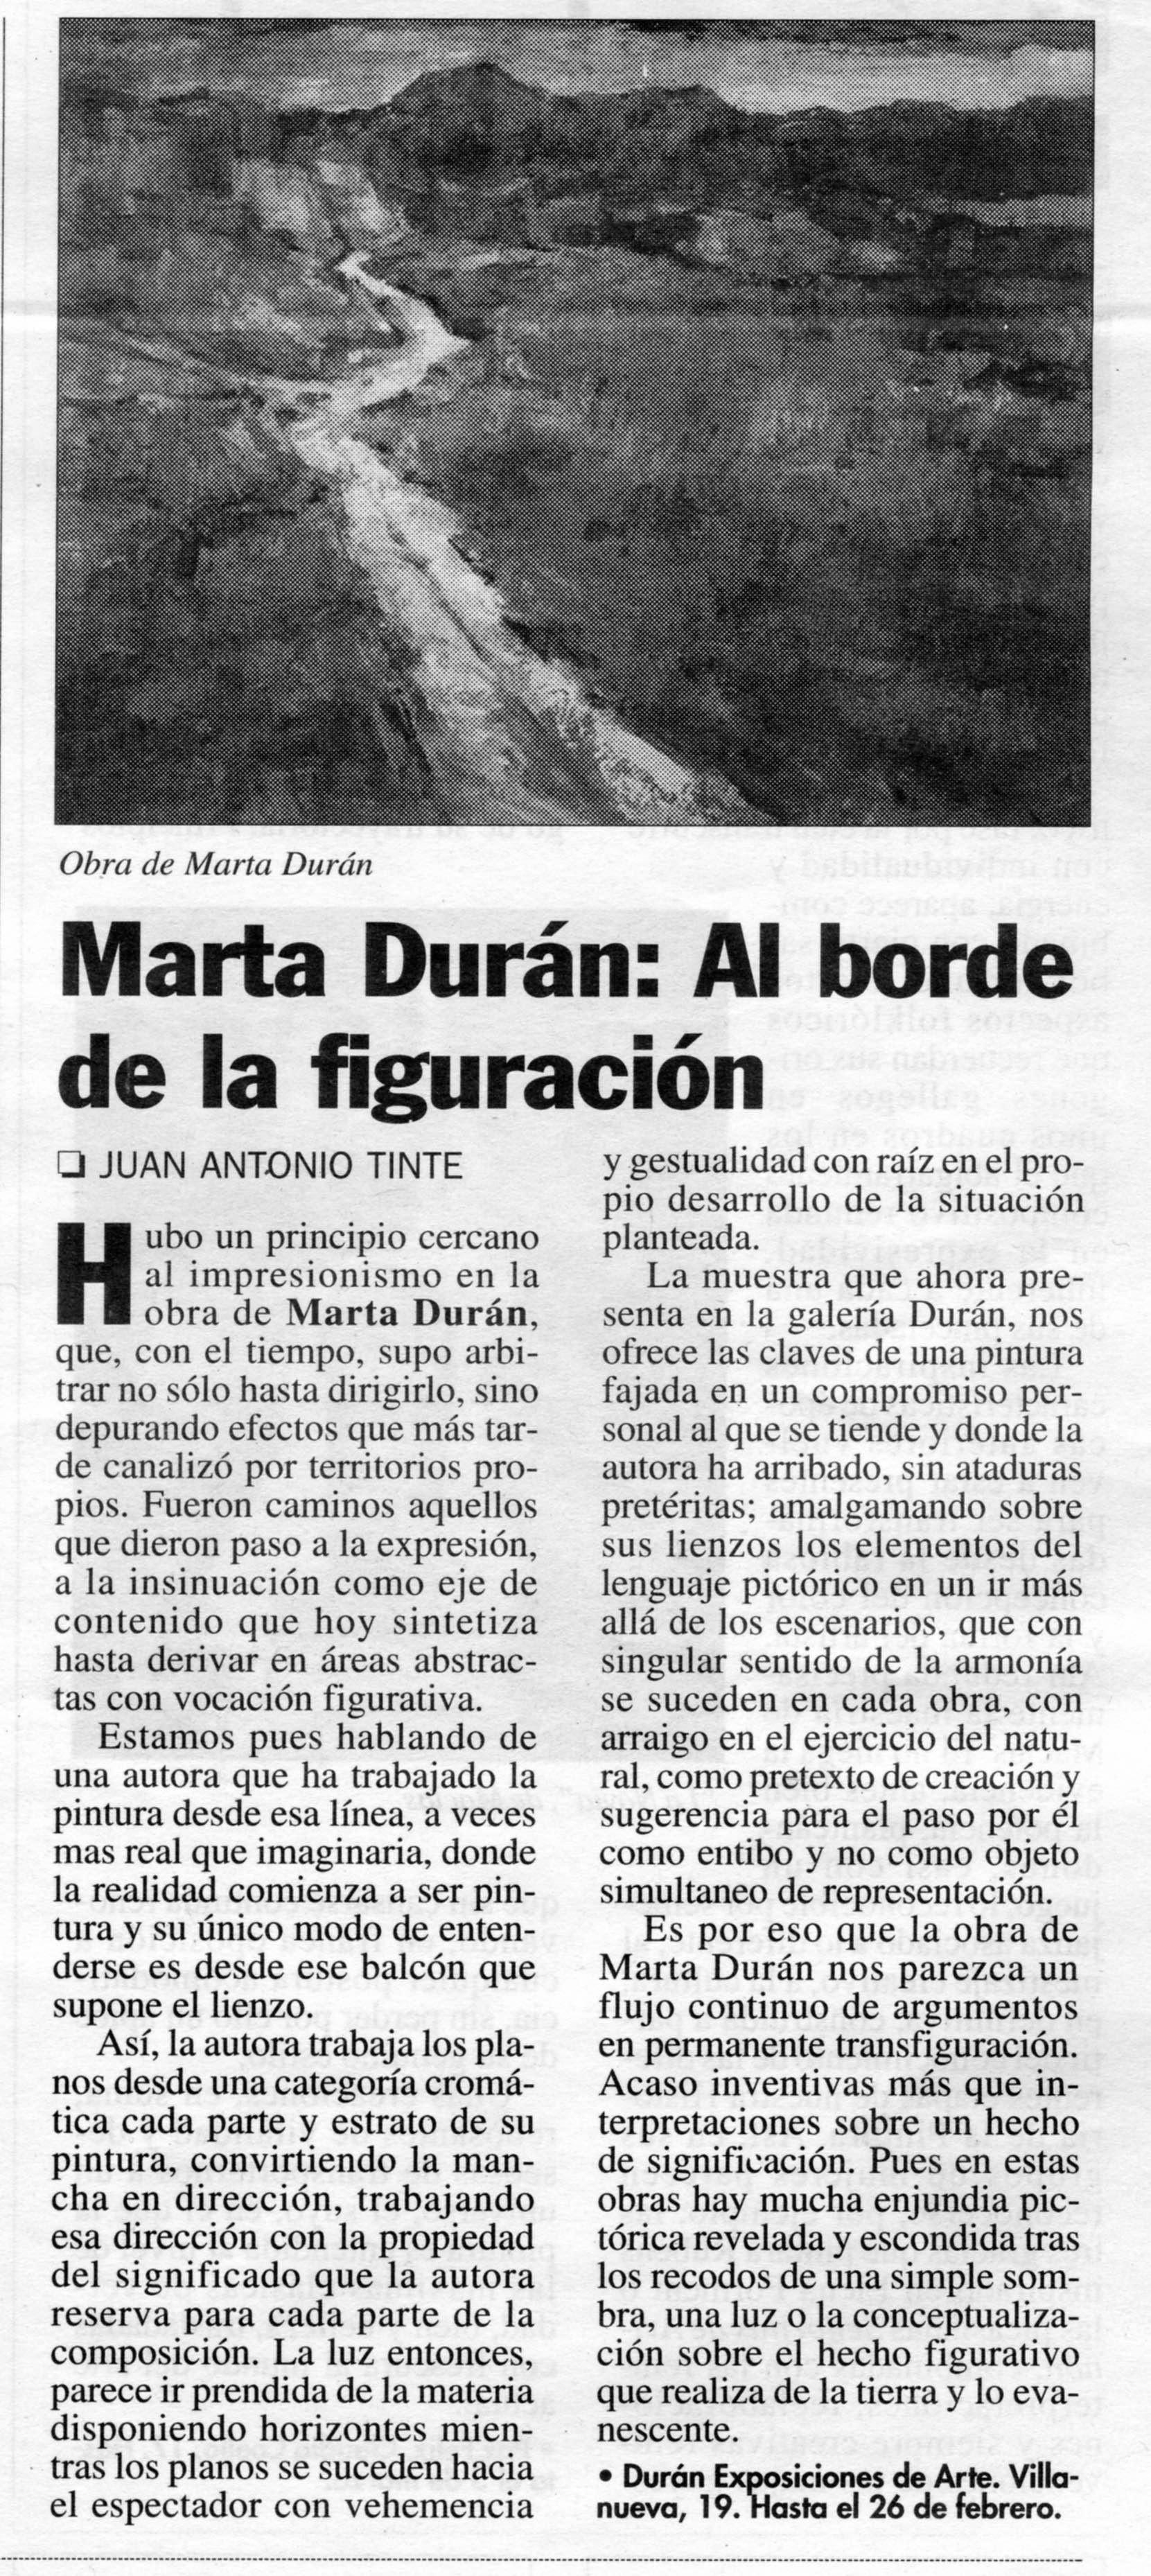 marta Duran: Al borde de la figuración